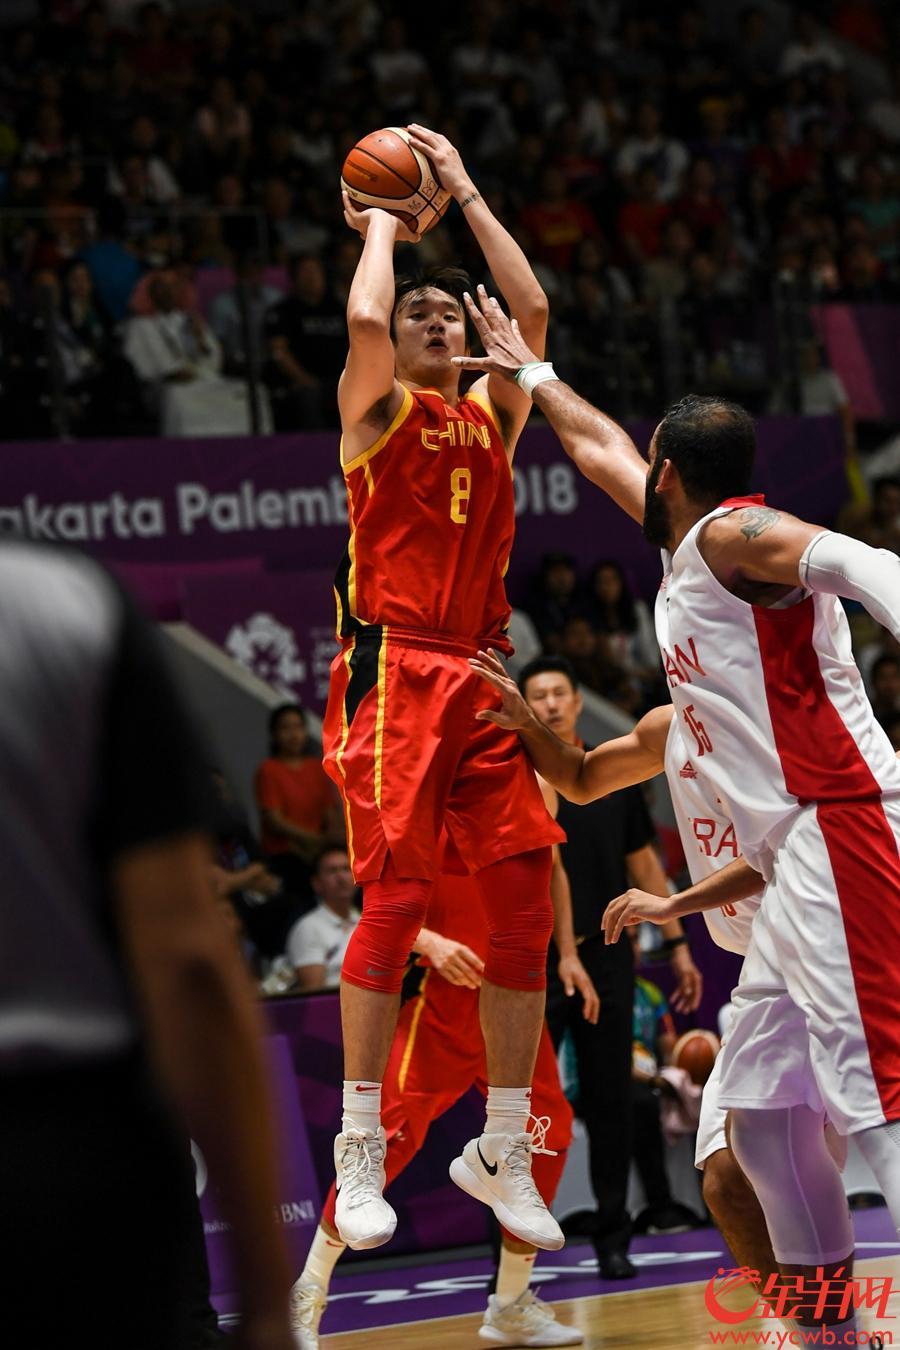 昨晚的雅加达篮球馆近乎成为半个中国队的主场,五星国旗挥舞,加油声此起彼伏。中国男篮取得领先后,再也没让伊朗队把气势扳回去。随着方硕、阿不都沙拉木、周琦相继远投命中,中国队将分差拉大到了10分以上,比赛失去悬念。84比72,比分定格的一刻,全场中国球迷起立向中国男篮致意,与场上中国队的小伙子们一同欢庆胜利。